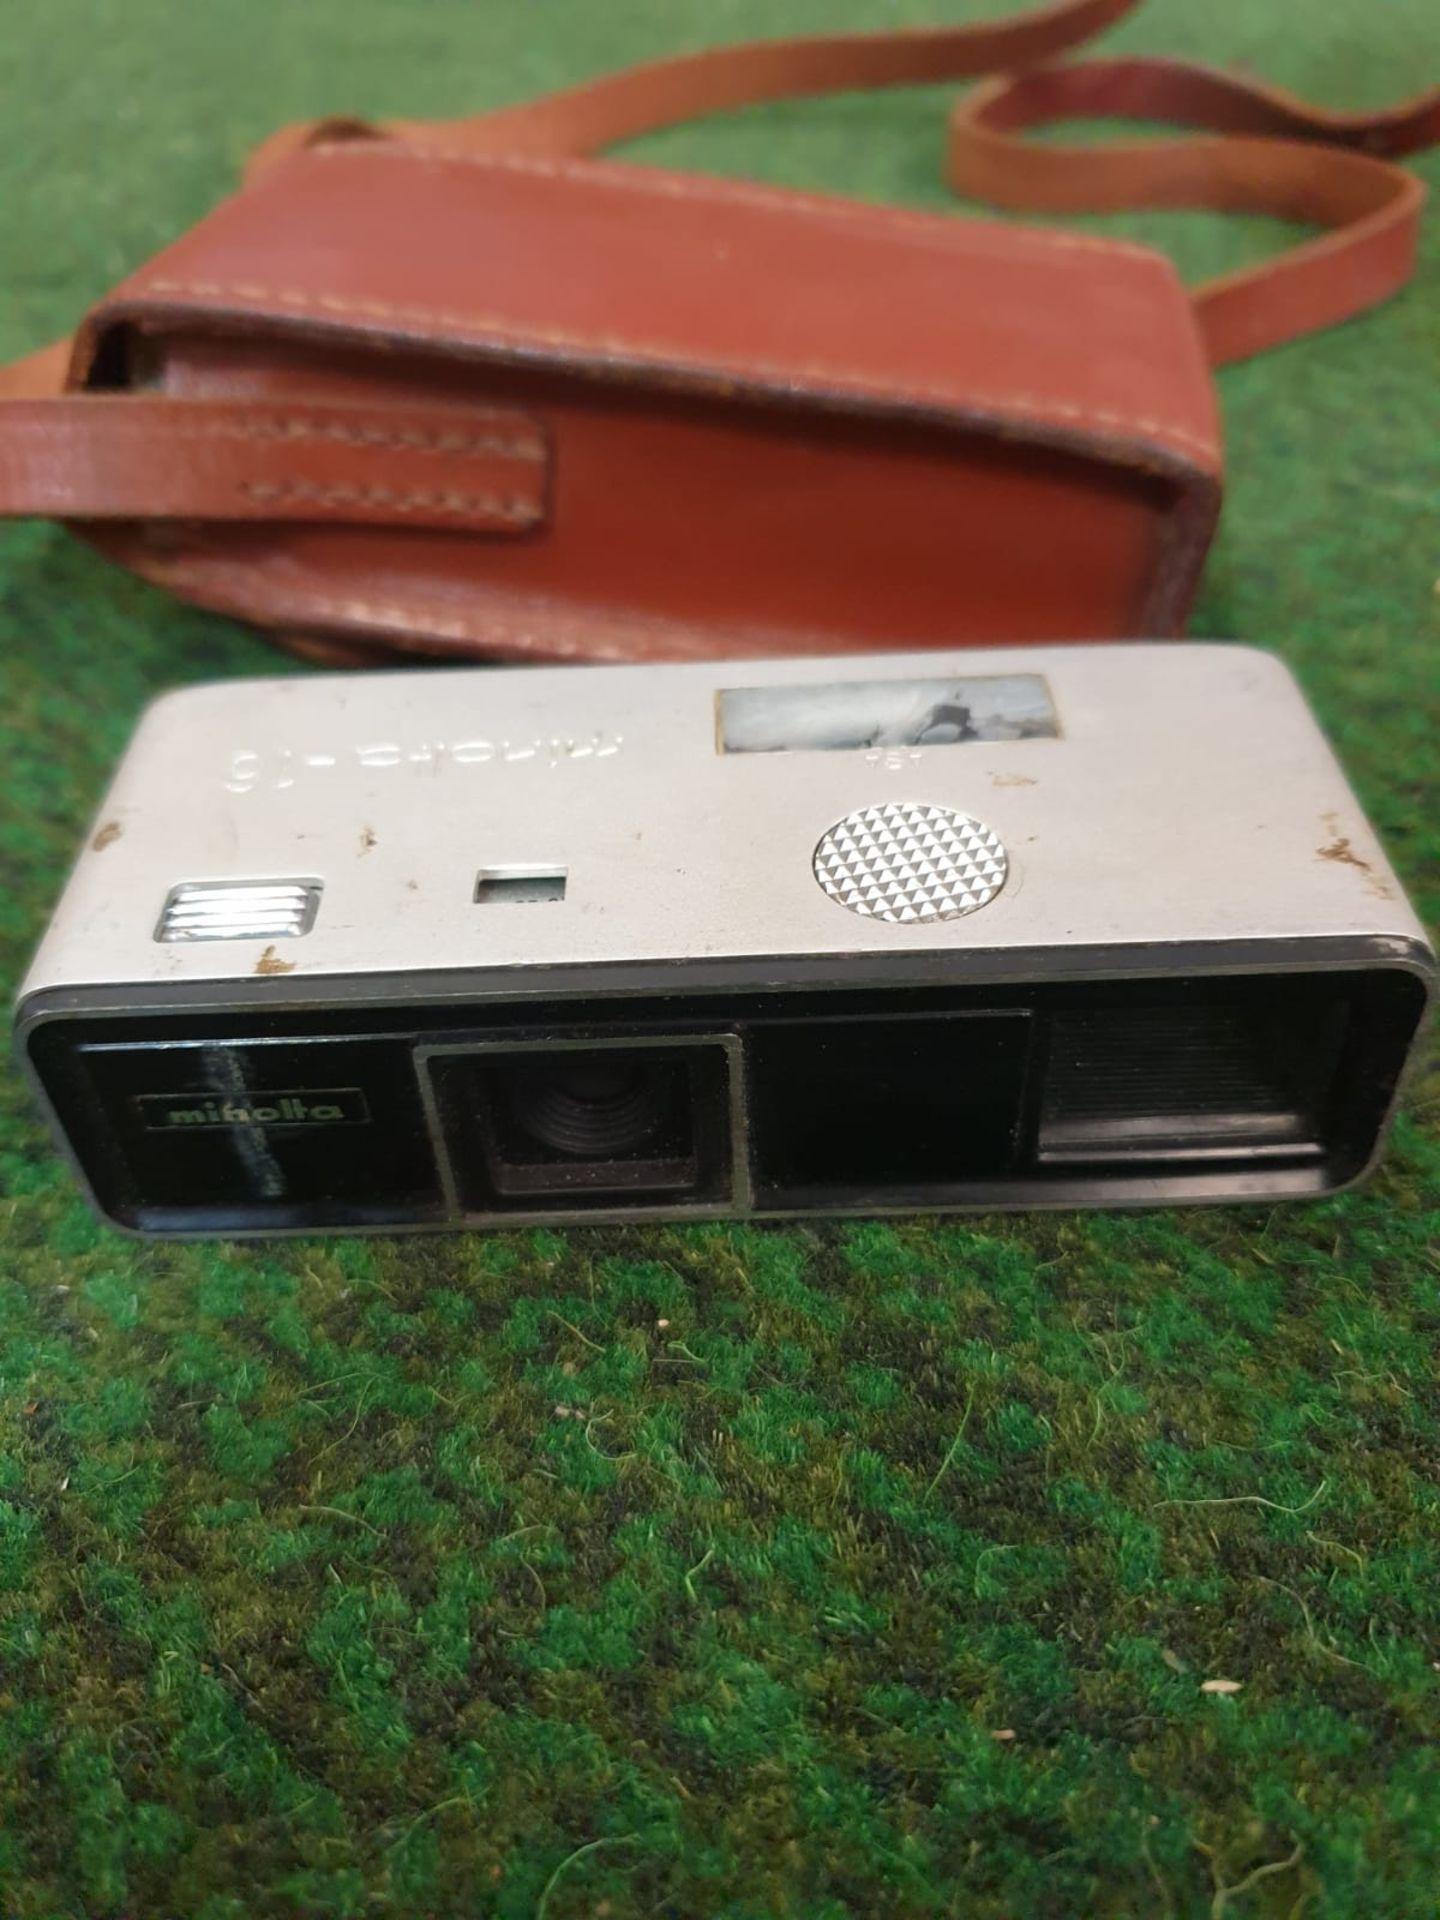 Minolta 16 Model P Rokkor 3.5/25 Subminiature Film Camera with case 1960's 103×27×42mm